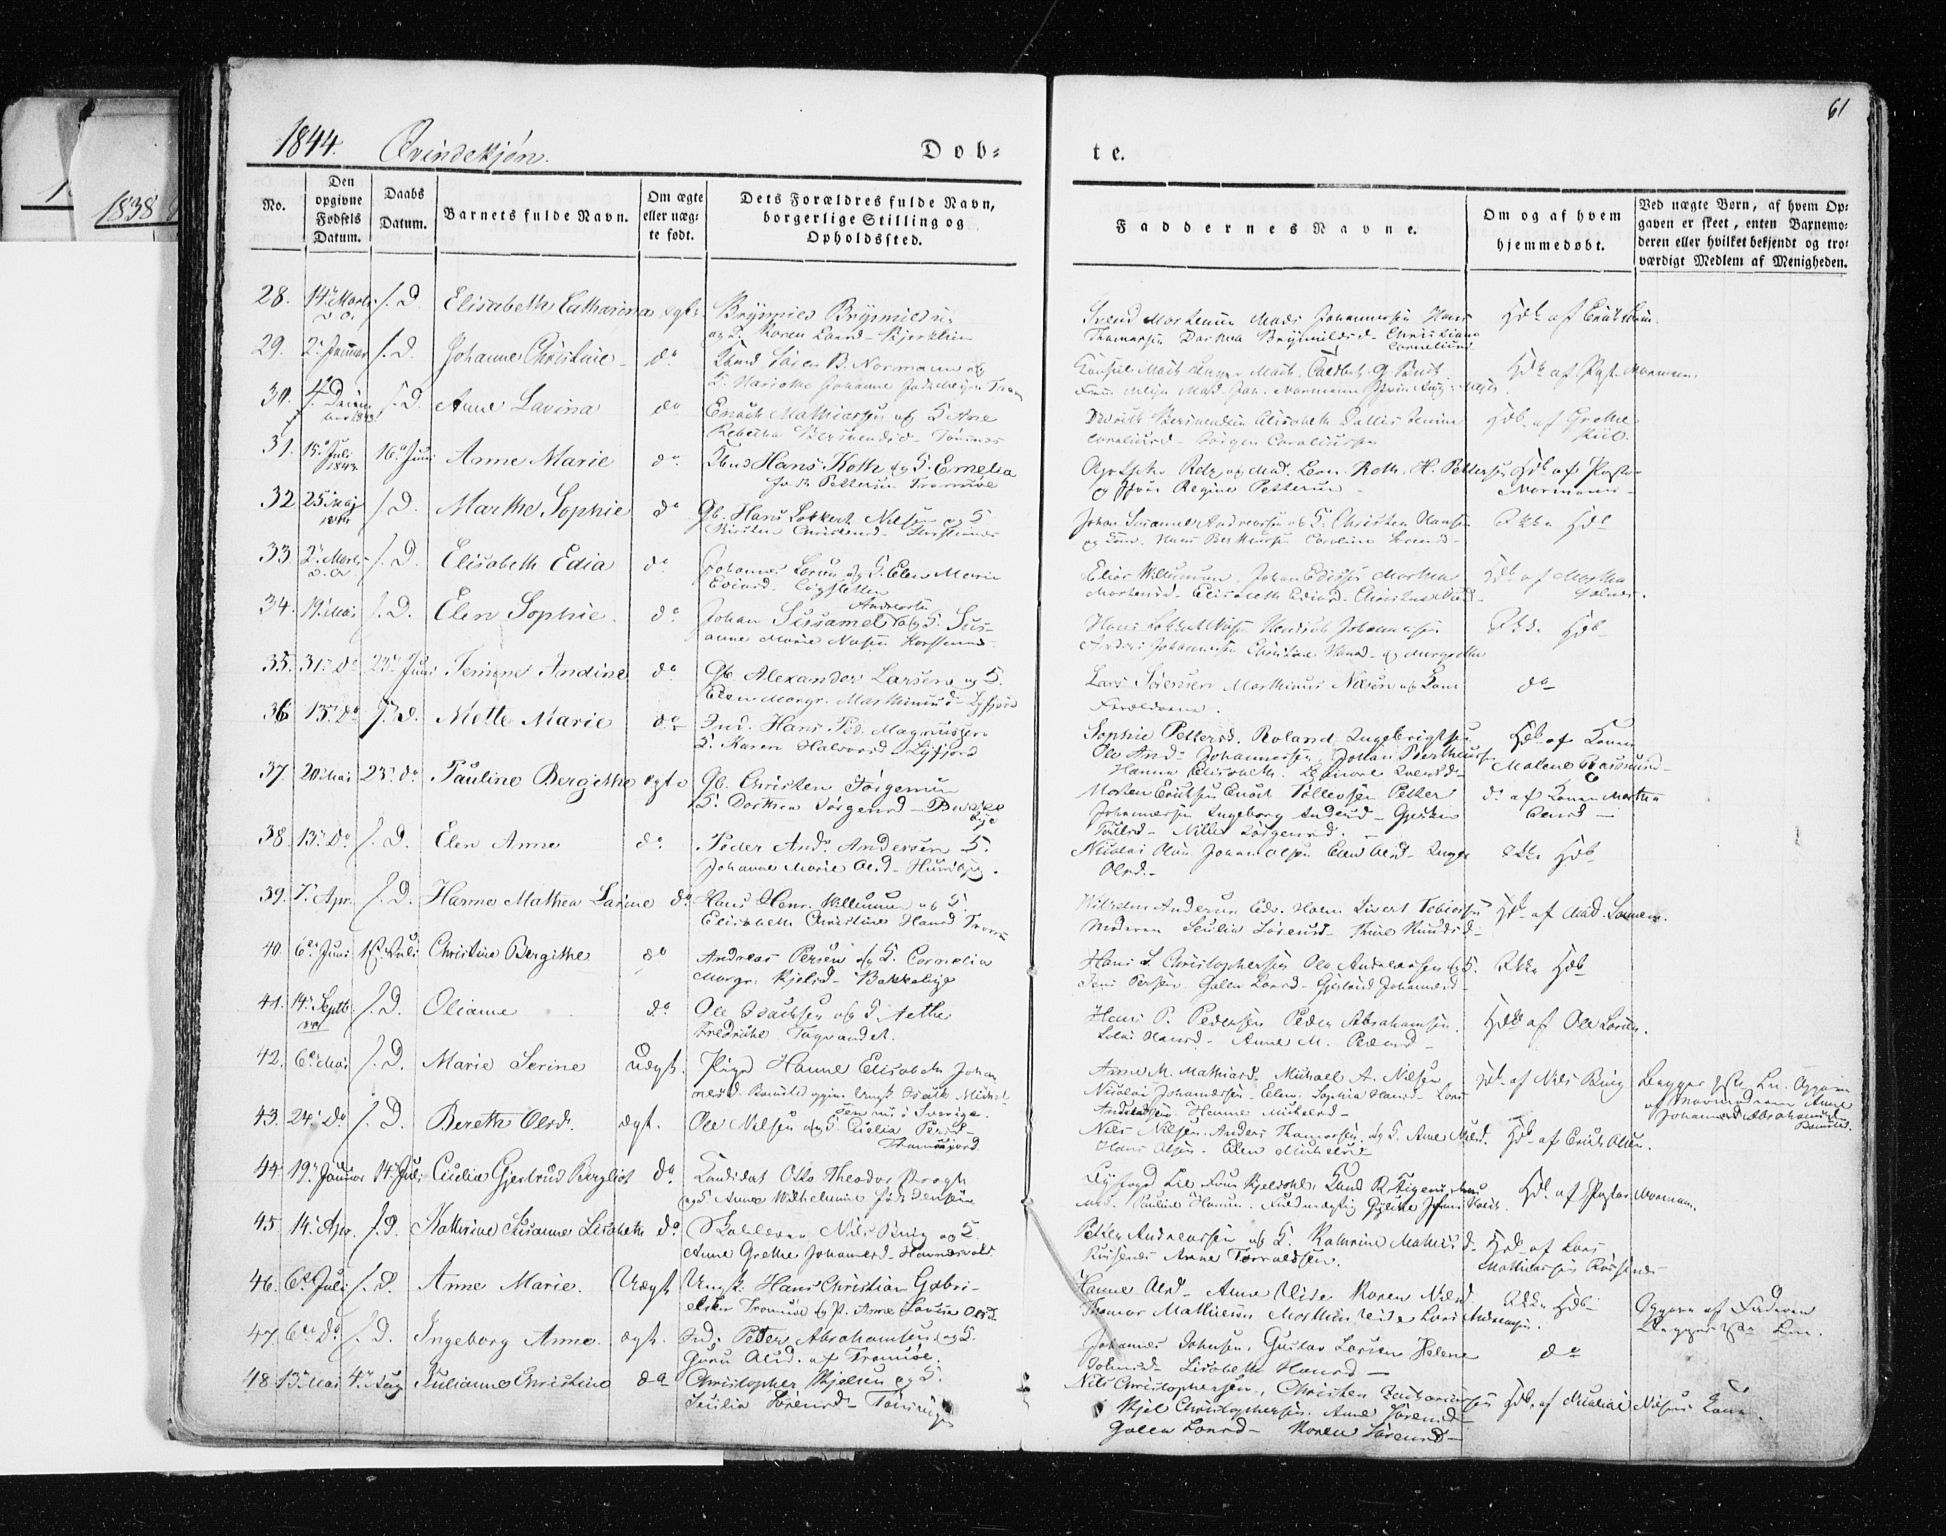 SATØ, Tromsø sokneprestkontor/stiftsprosti/domprosti, G/Ga/L0009kirke: Ministerialbok nr. 9, 1837-1847, s. 61